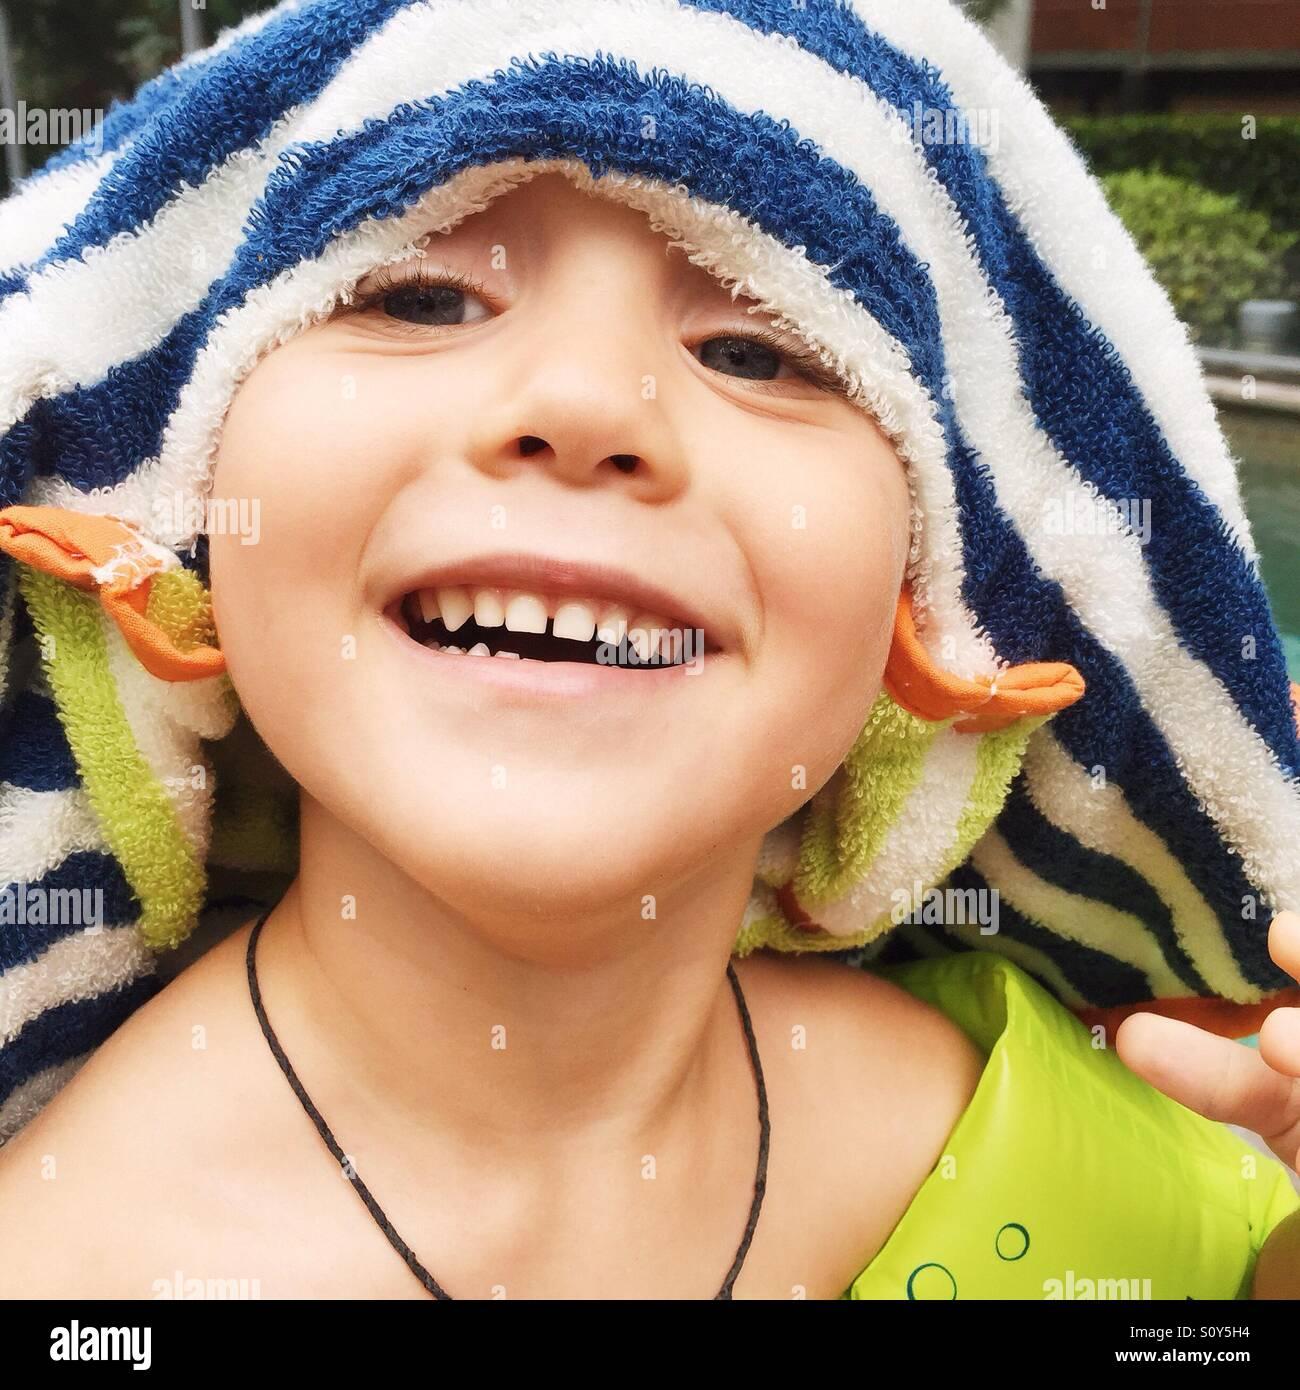 Retrato de niño divirtiéndose en verano Imagen De Stock